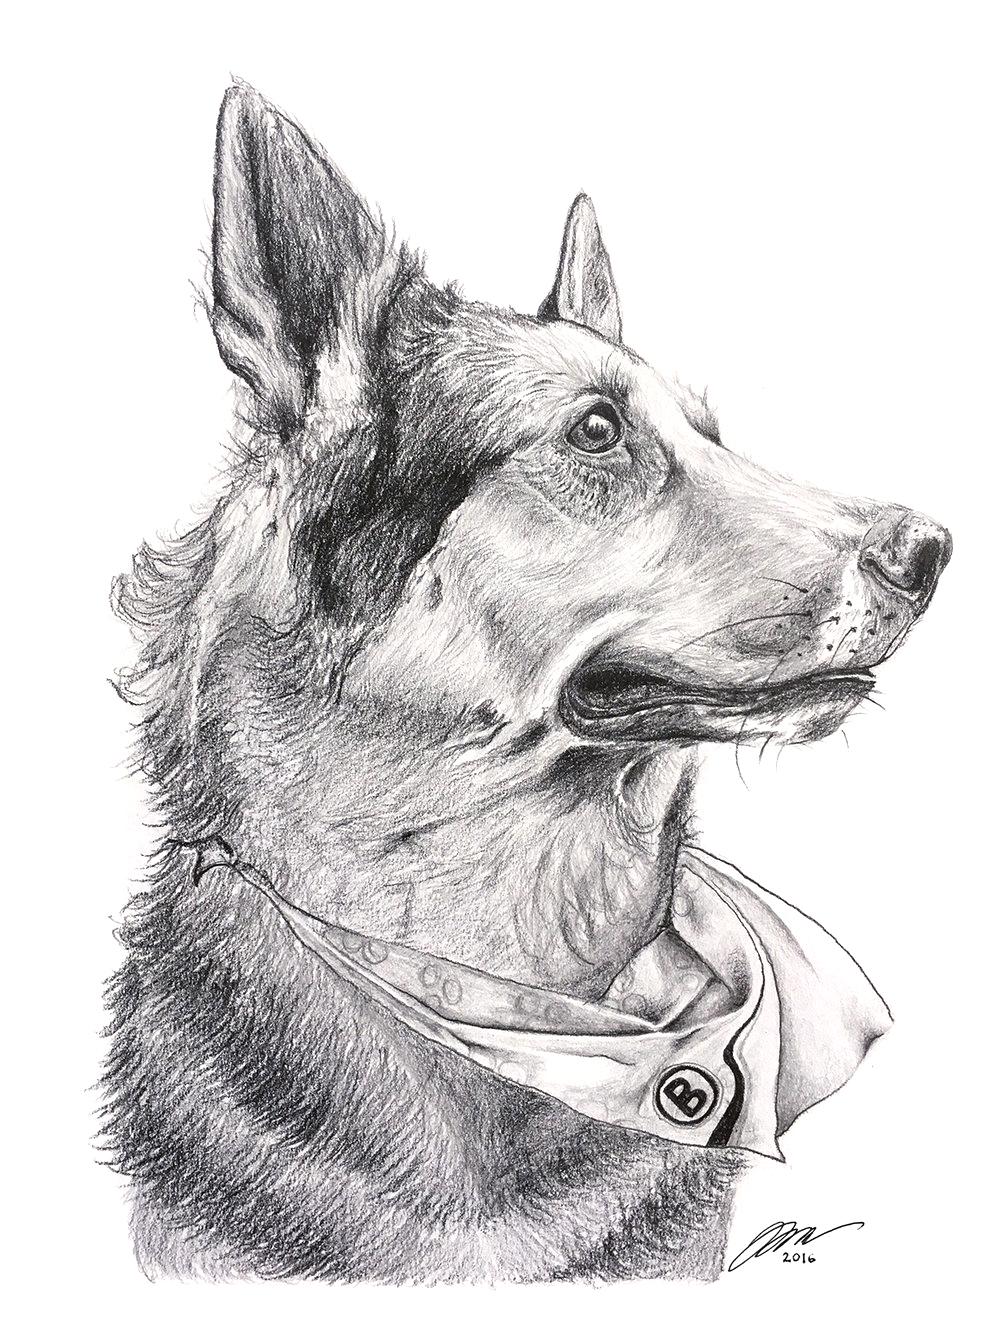 German Shepherd by LK Weiss